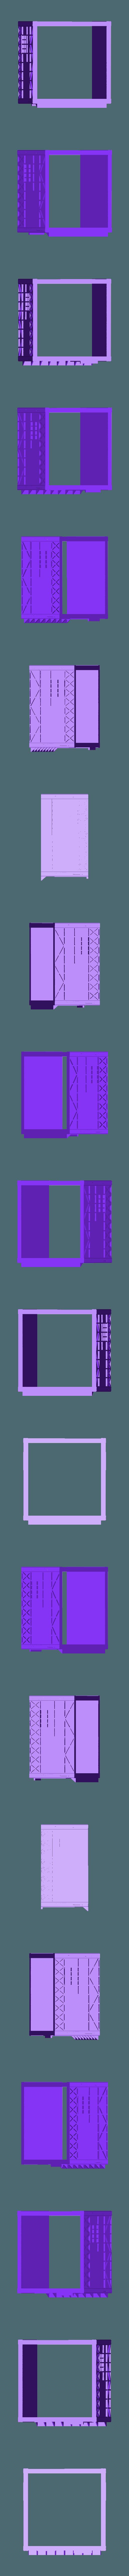 tudor_house_GF.stl Télécharger fichier STL gratuit Maison de Wargaming à deux étages, style Tudor • Modèle pour imprimante 3D, Wrecker